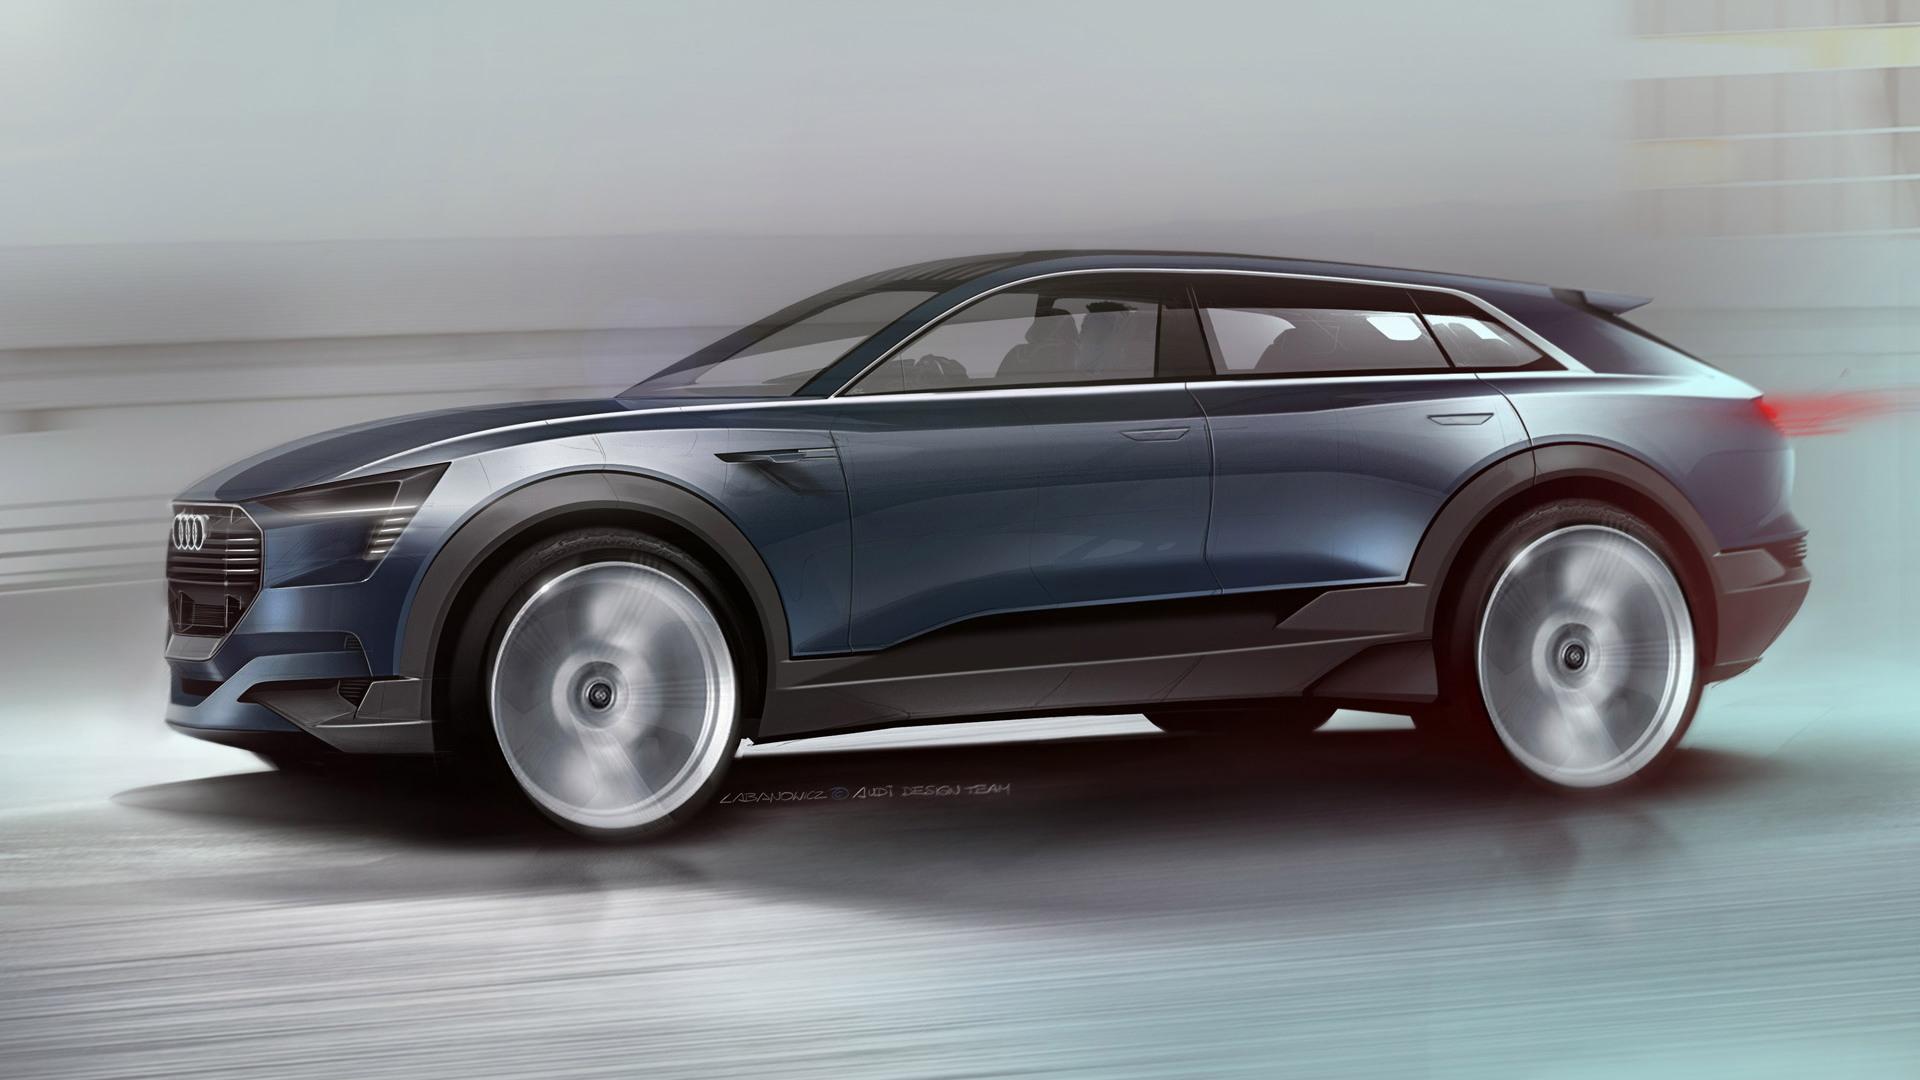 Audi e-tron quattro concept, 2015 Frankfurt Auto Show